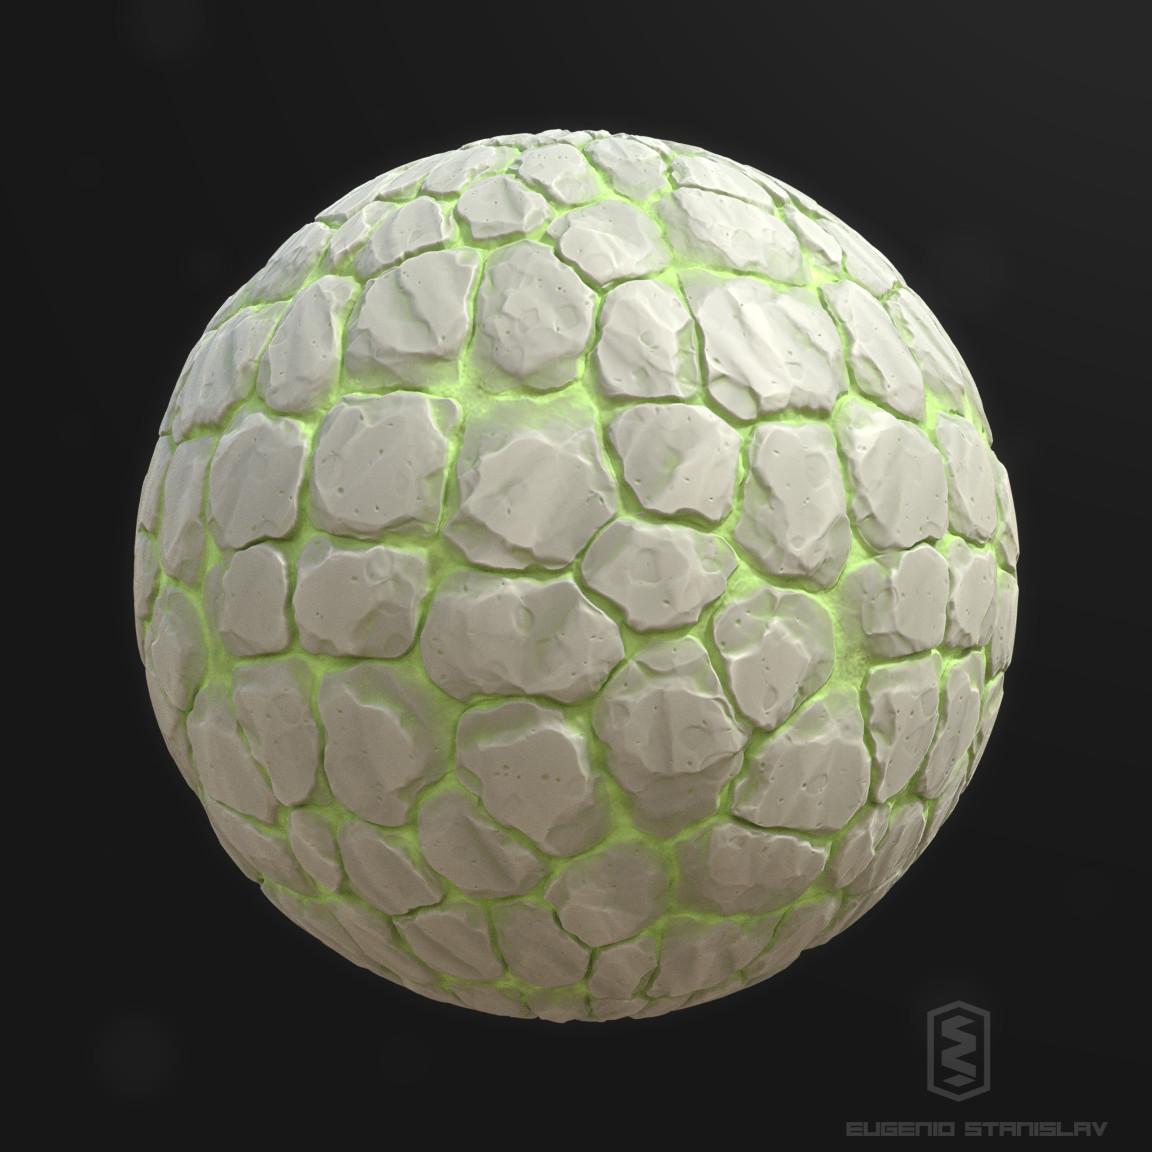 Eugenio stanislav stylized stone floor render s